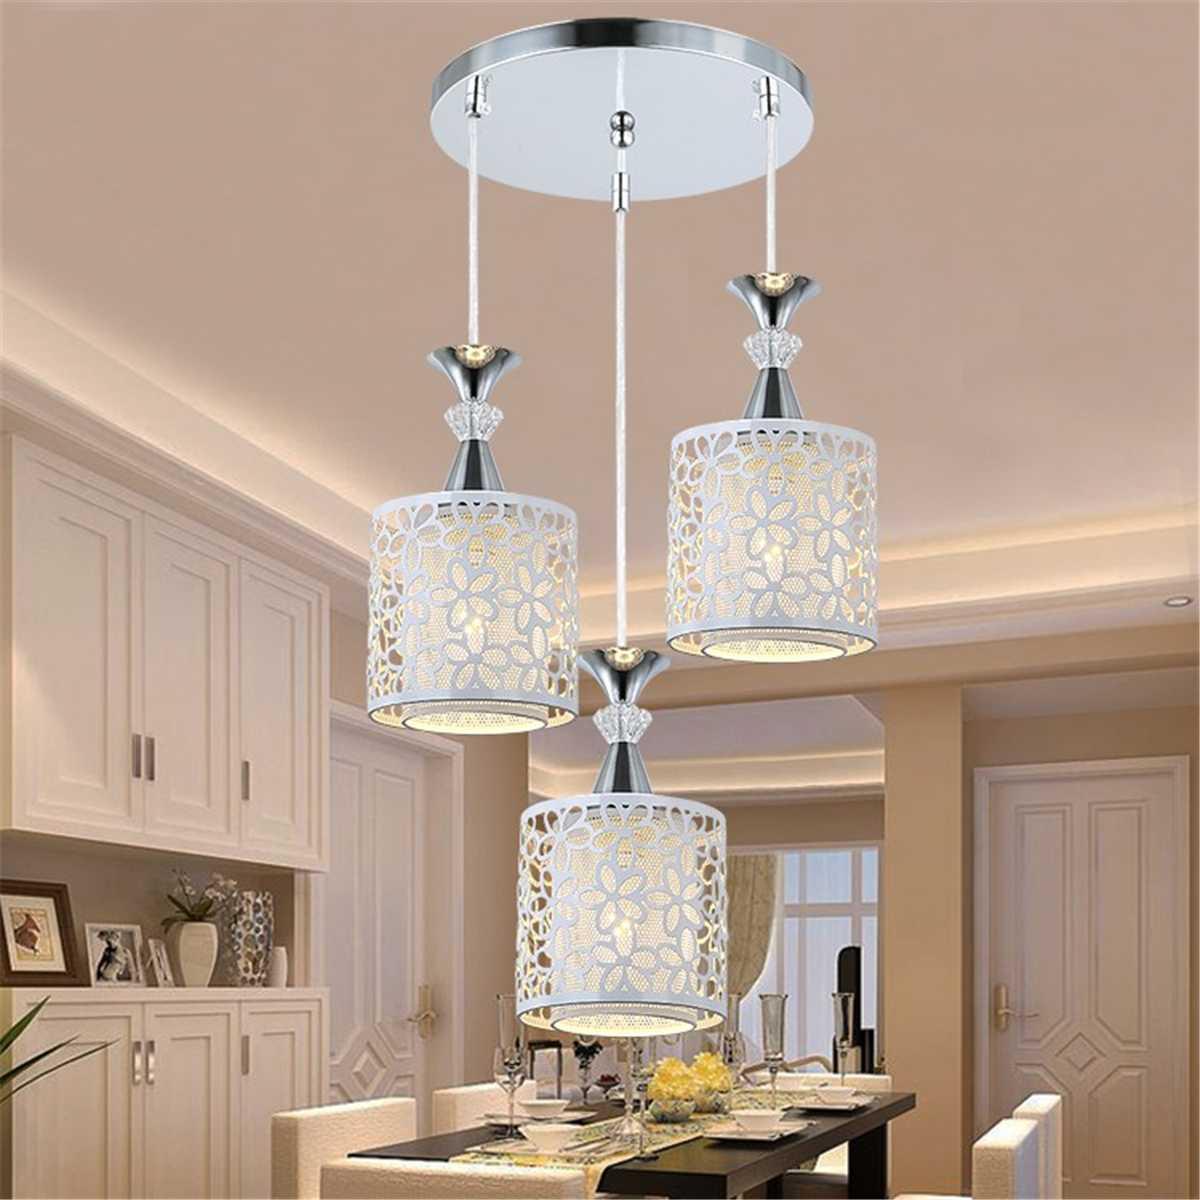 Moderne Kristall Decken Lampen LED Lampen Wohnzimmer Esszimmer Glas Decke  lampe led lustre licht decke lichter